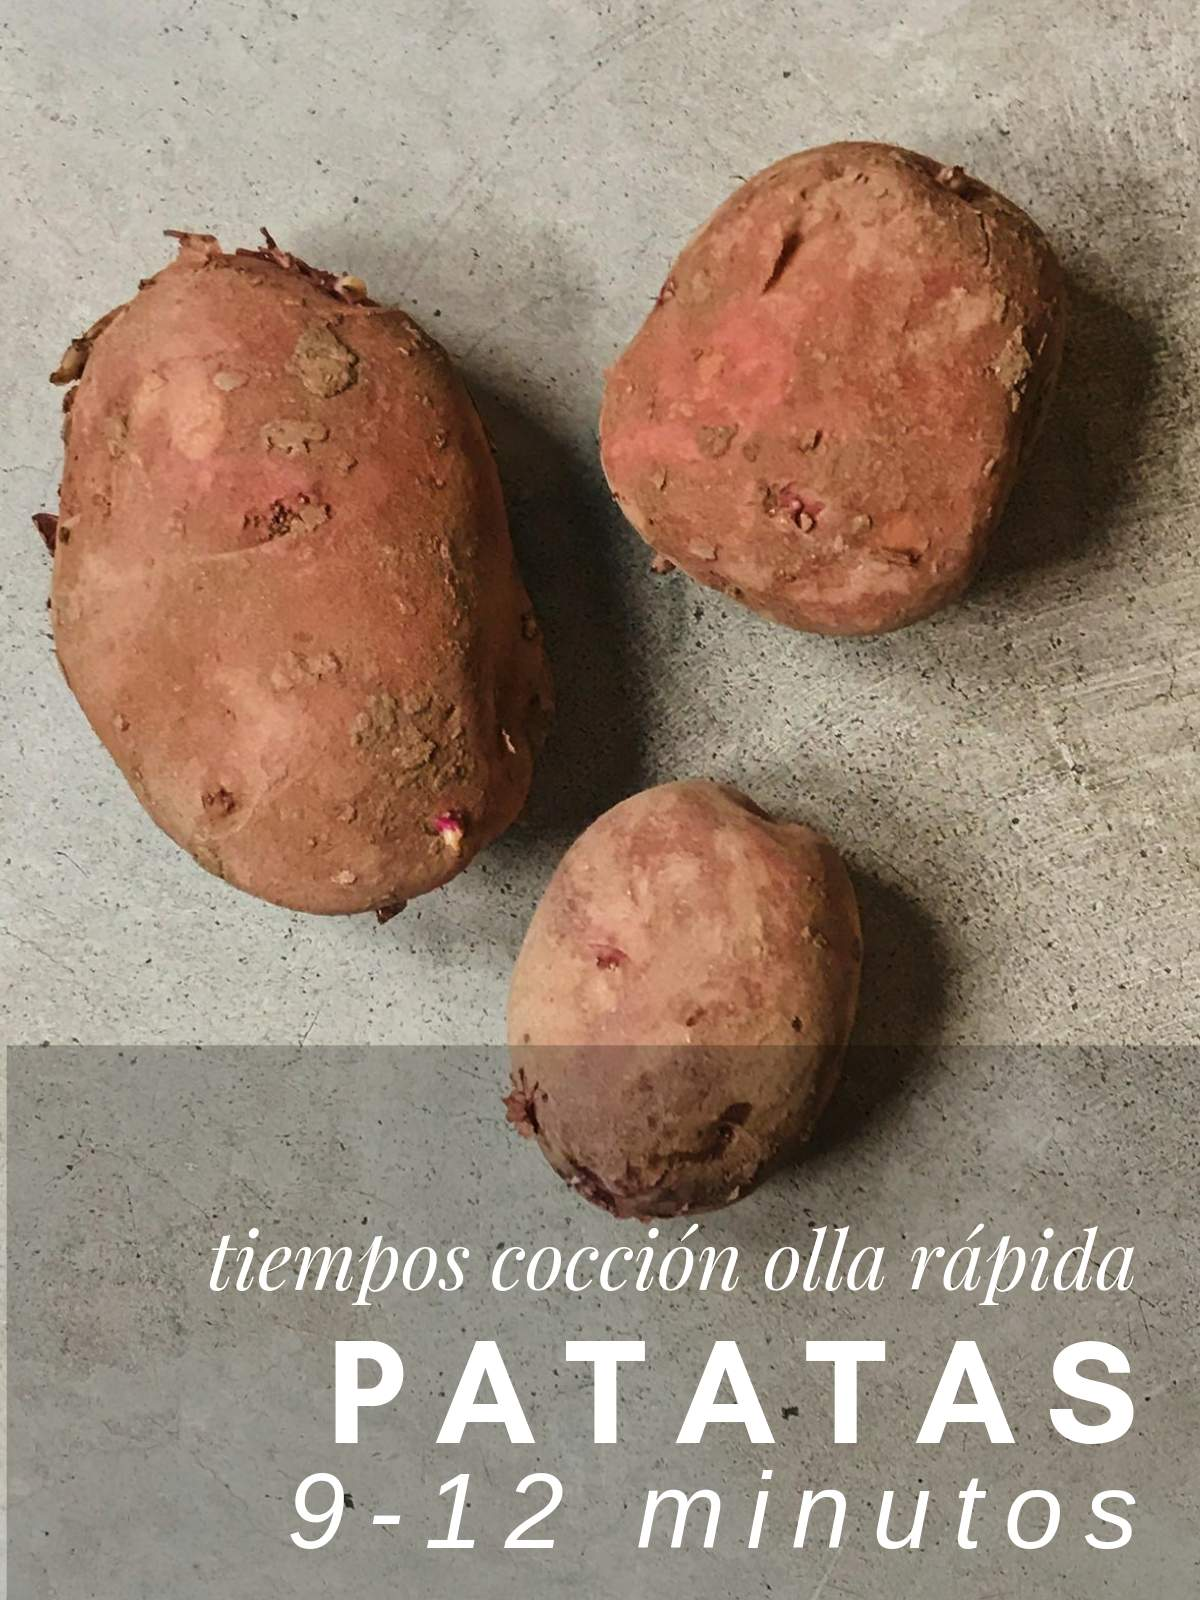 ¿Cuanto tarda las patatas en cocer en olla rápida?